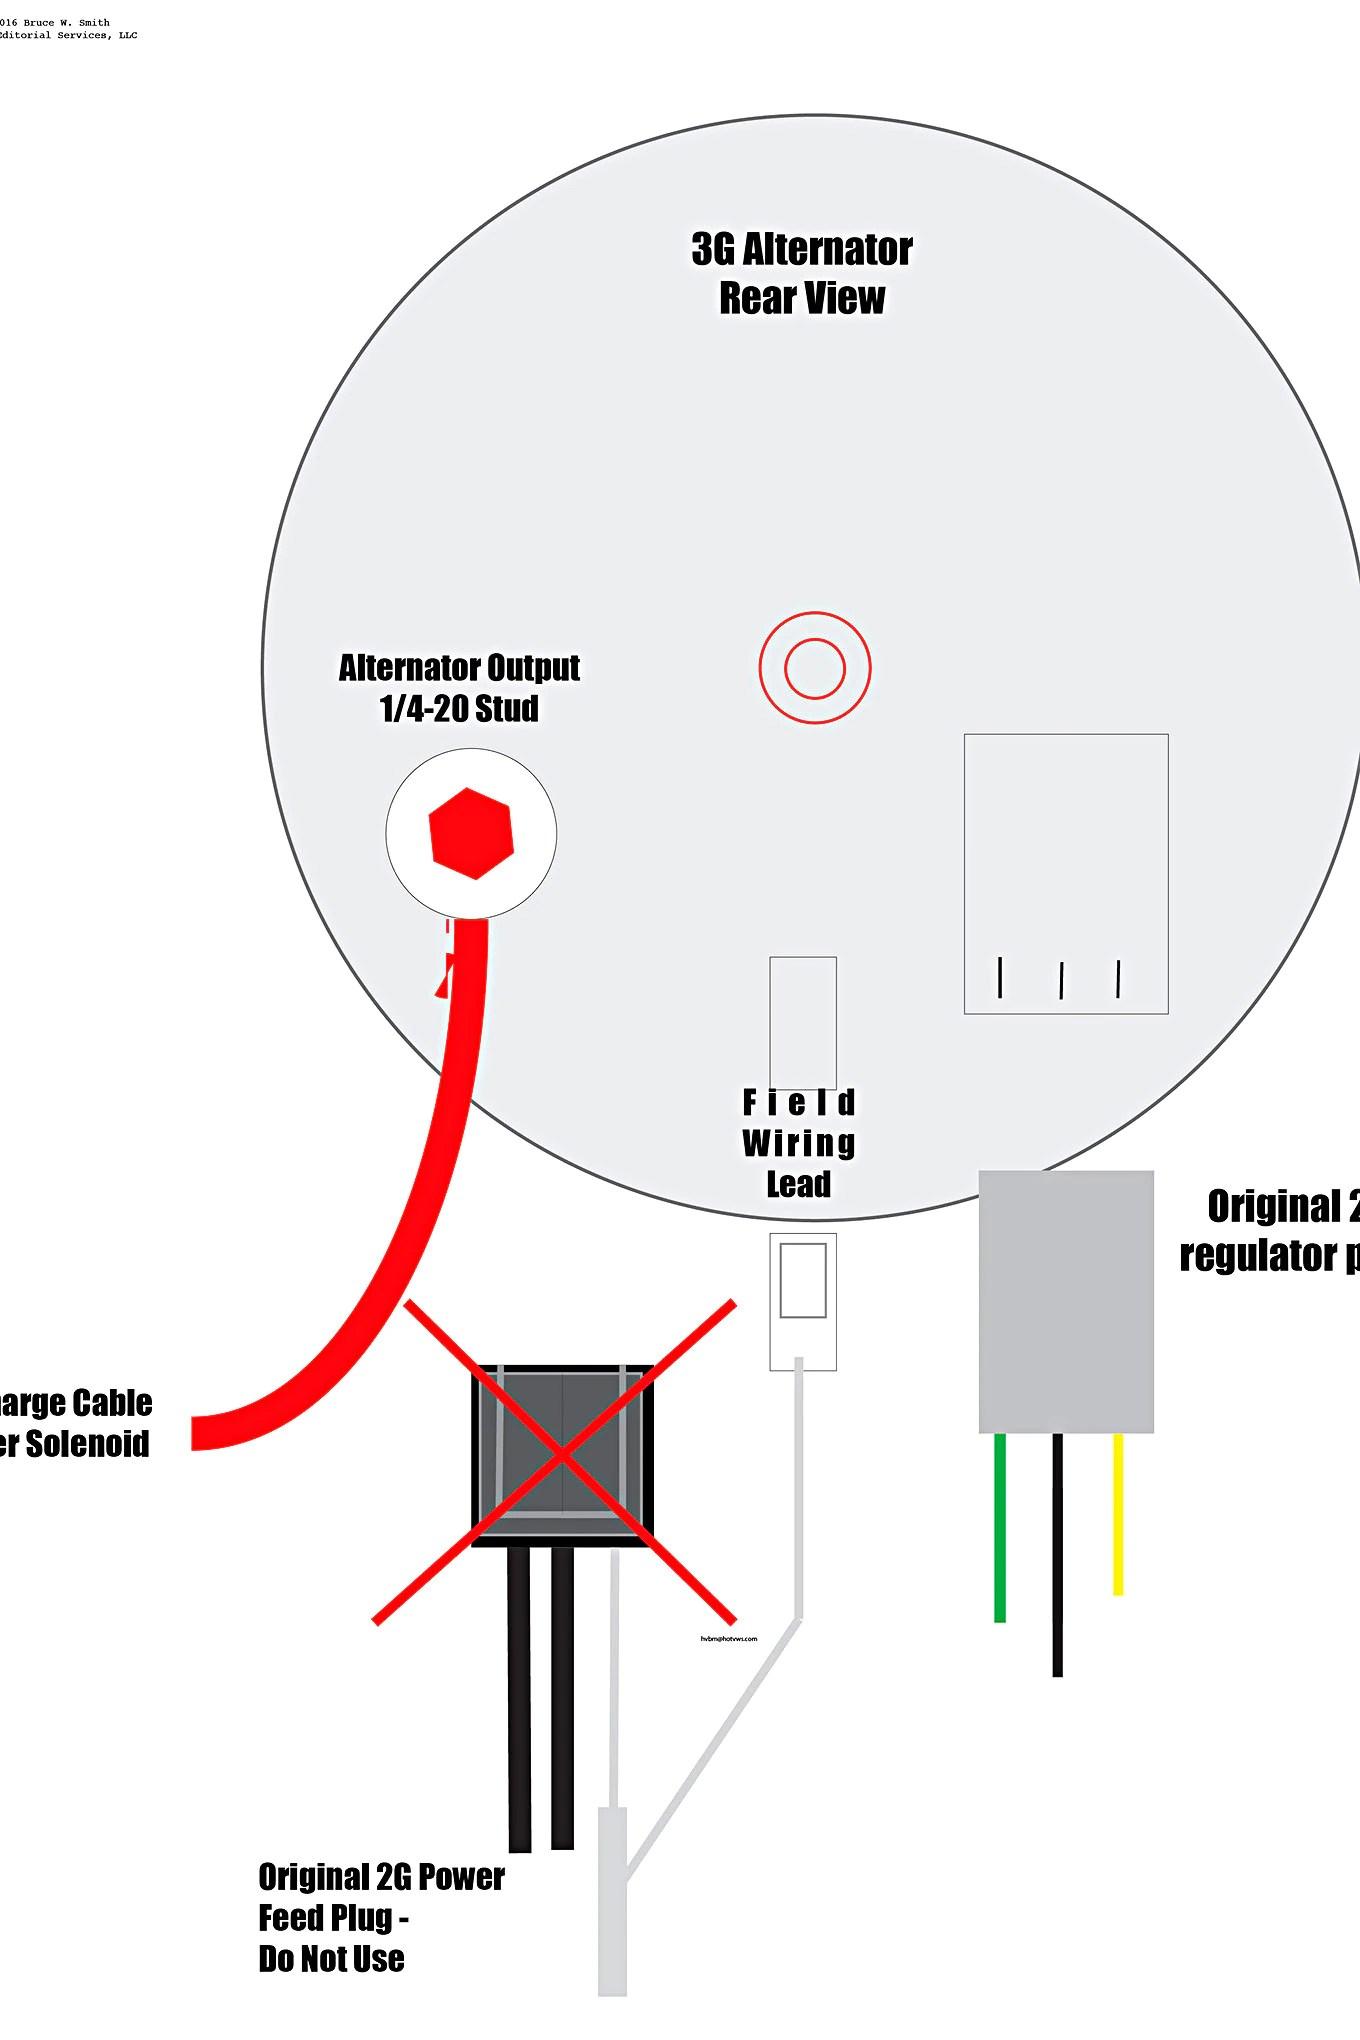 medium resolution of a mustang 3g alternator wiring diagram